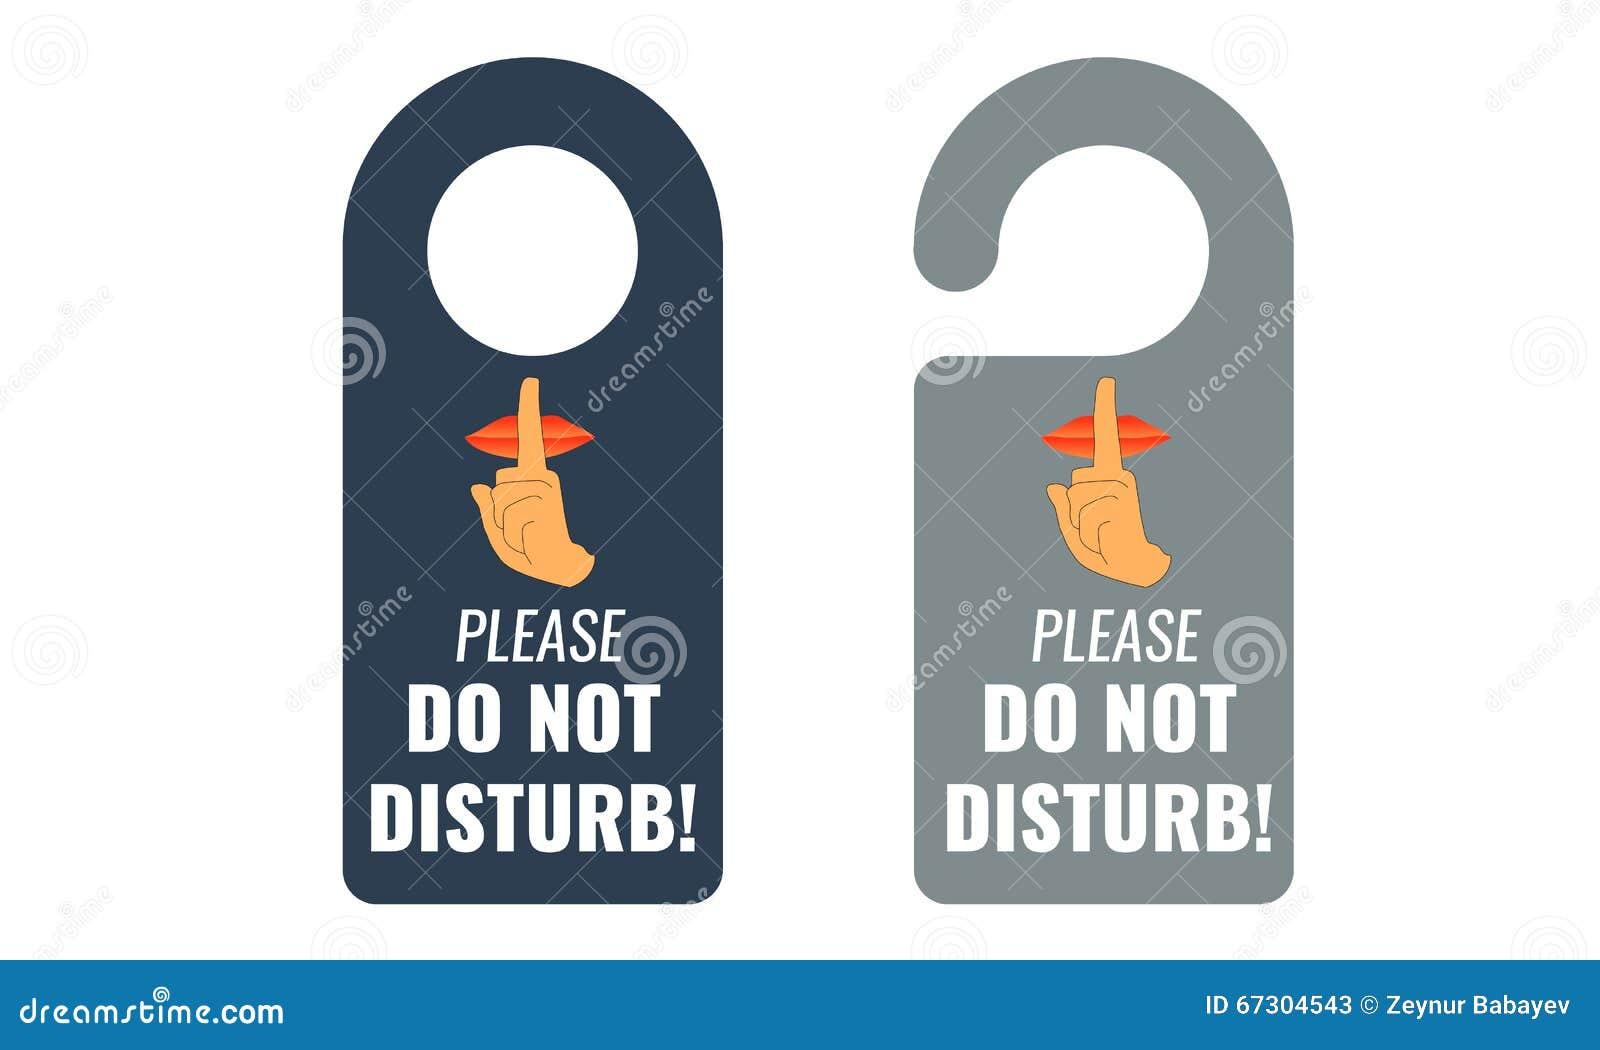 ... disturb. Door hanger. Keep quiet and shhh sign. Illustrated Vector